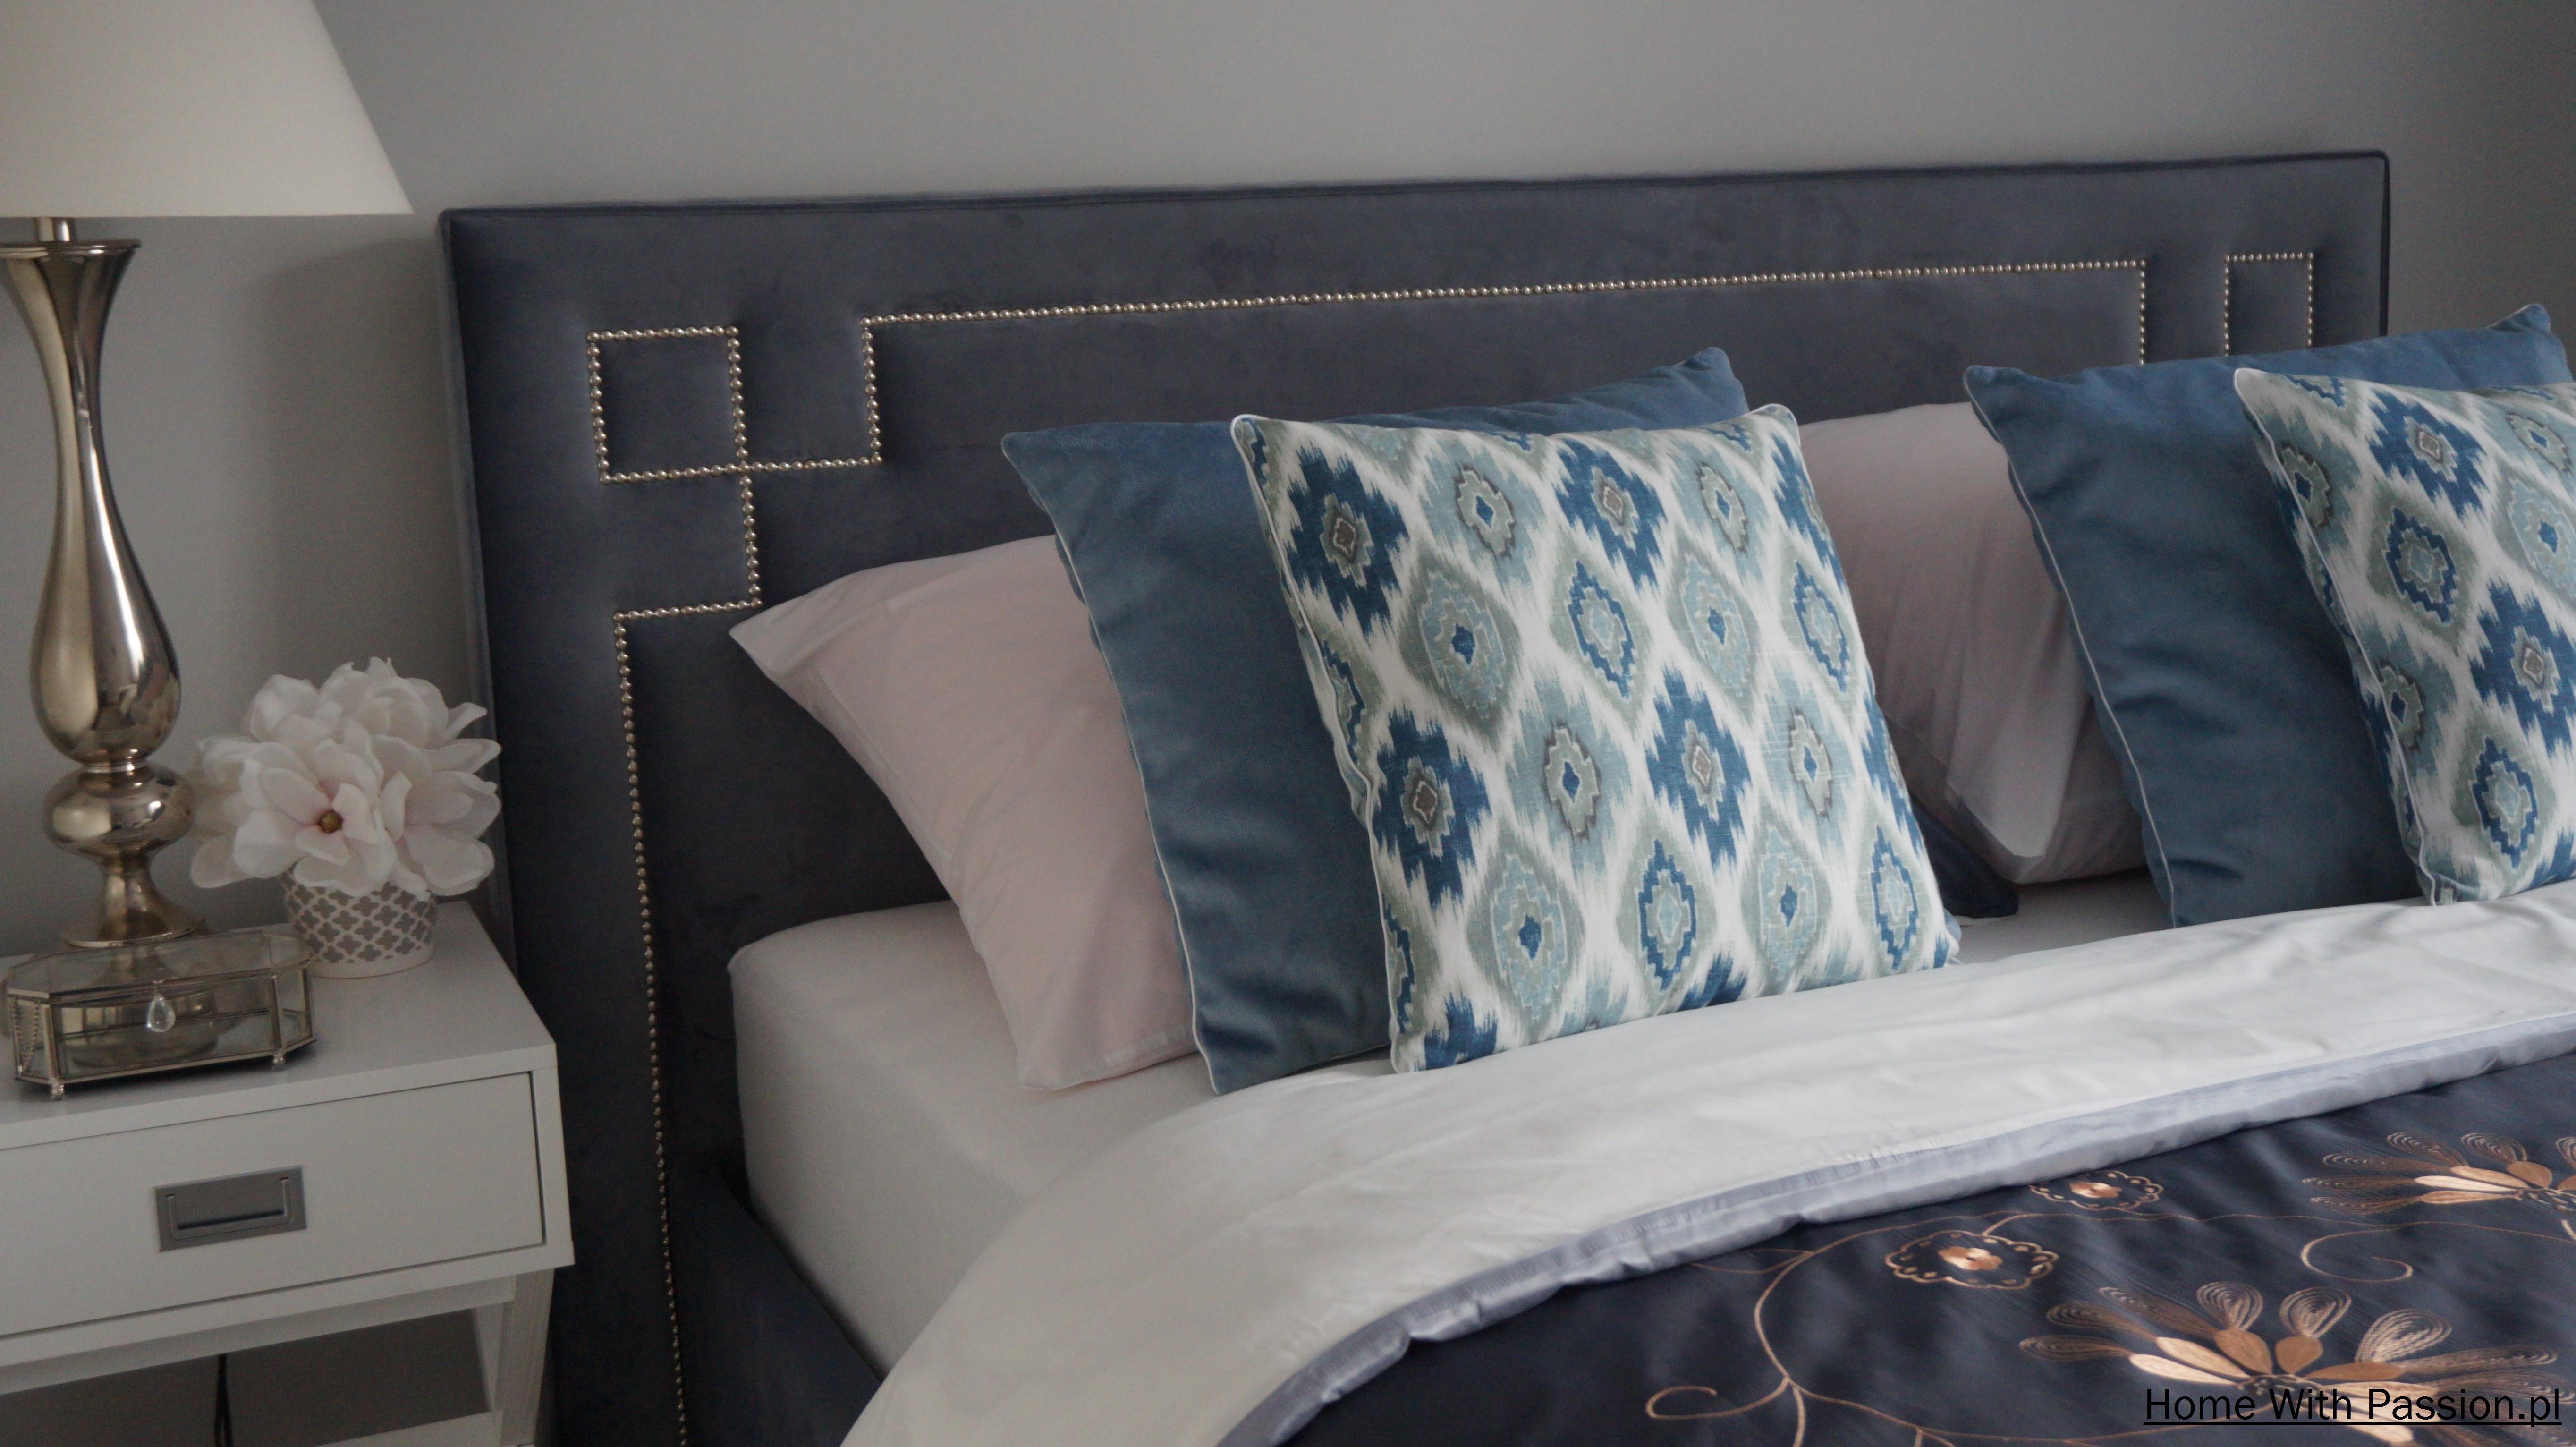 Sypialnia W Stylu Hampton Mieszkanie Home With Passion